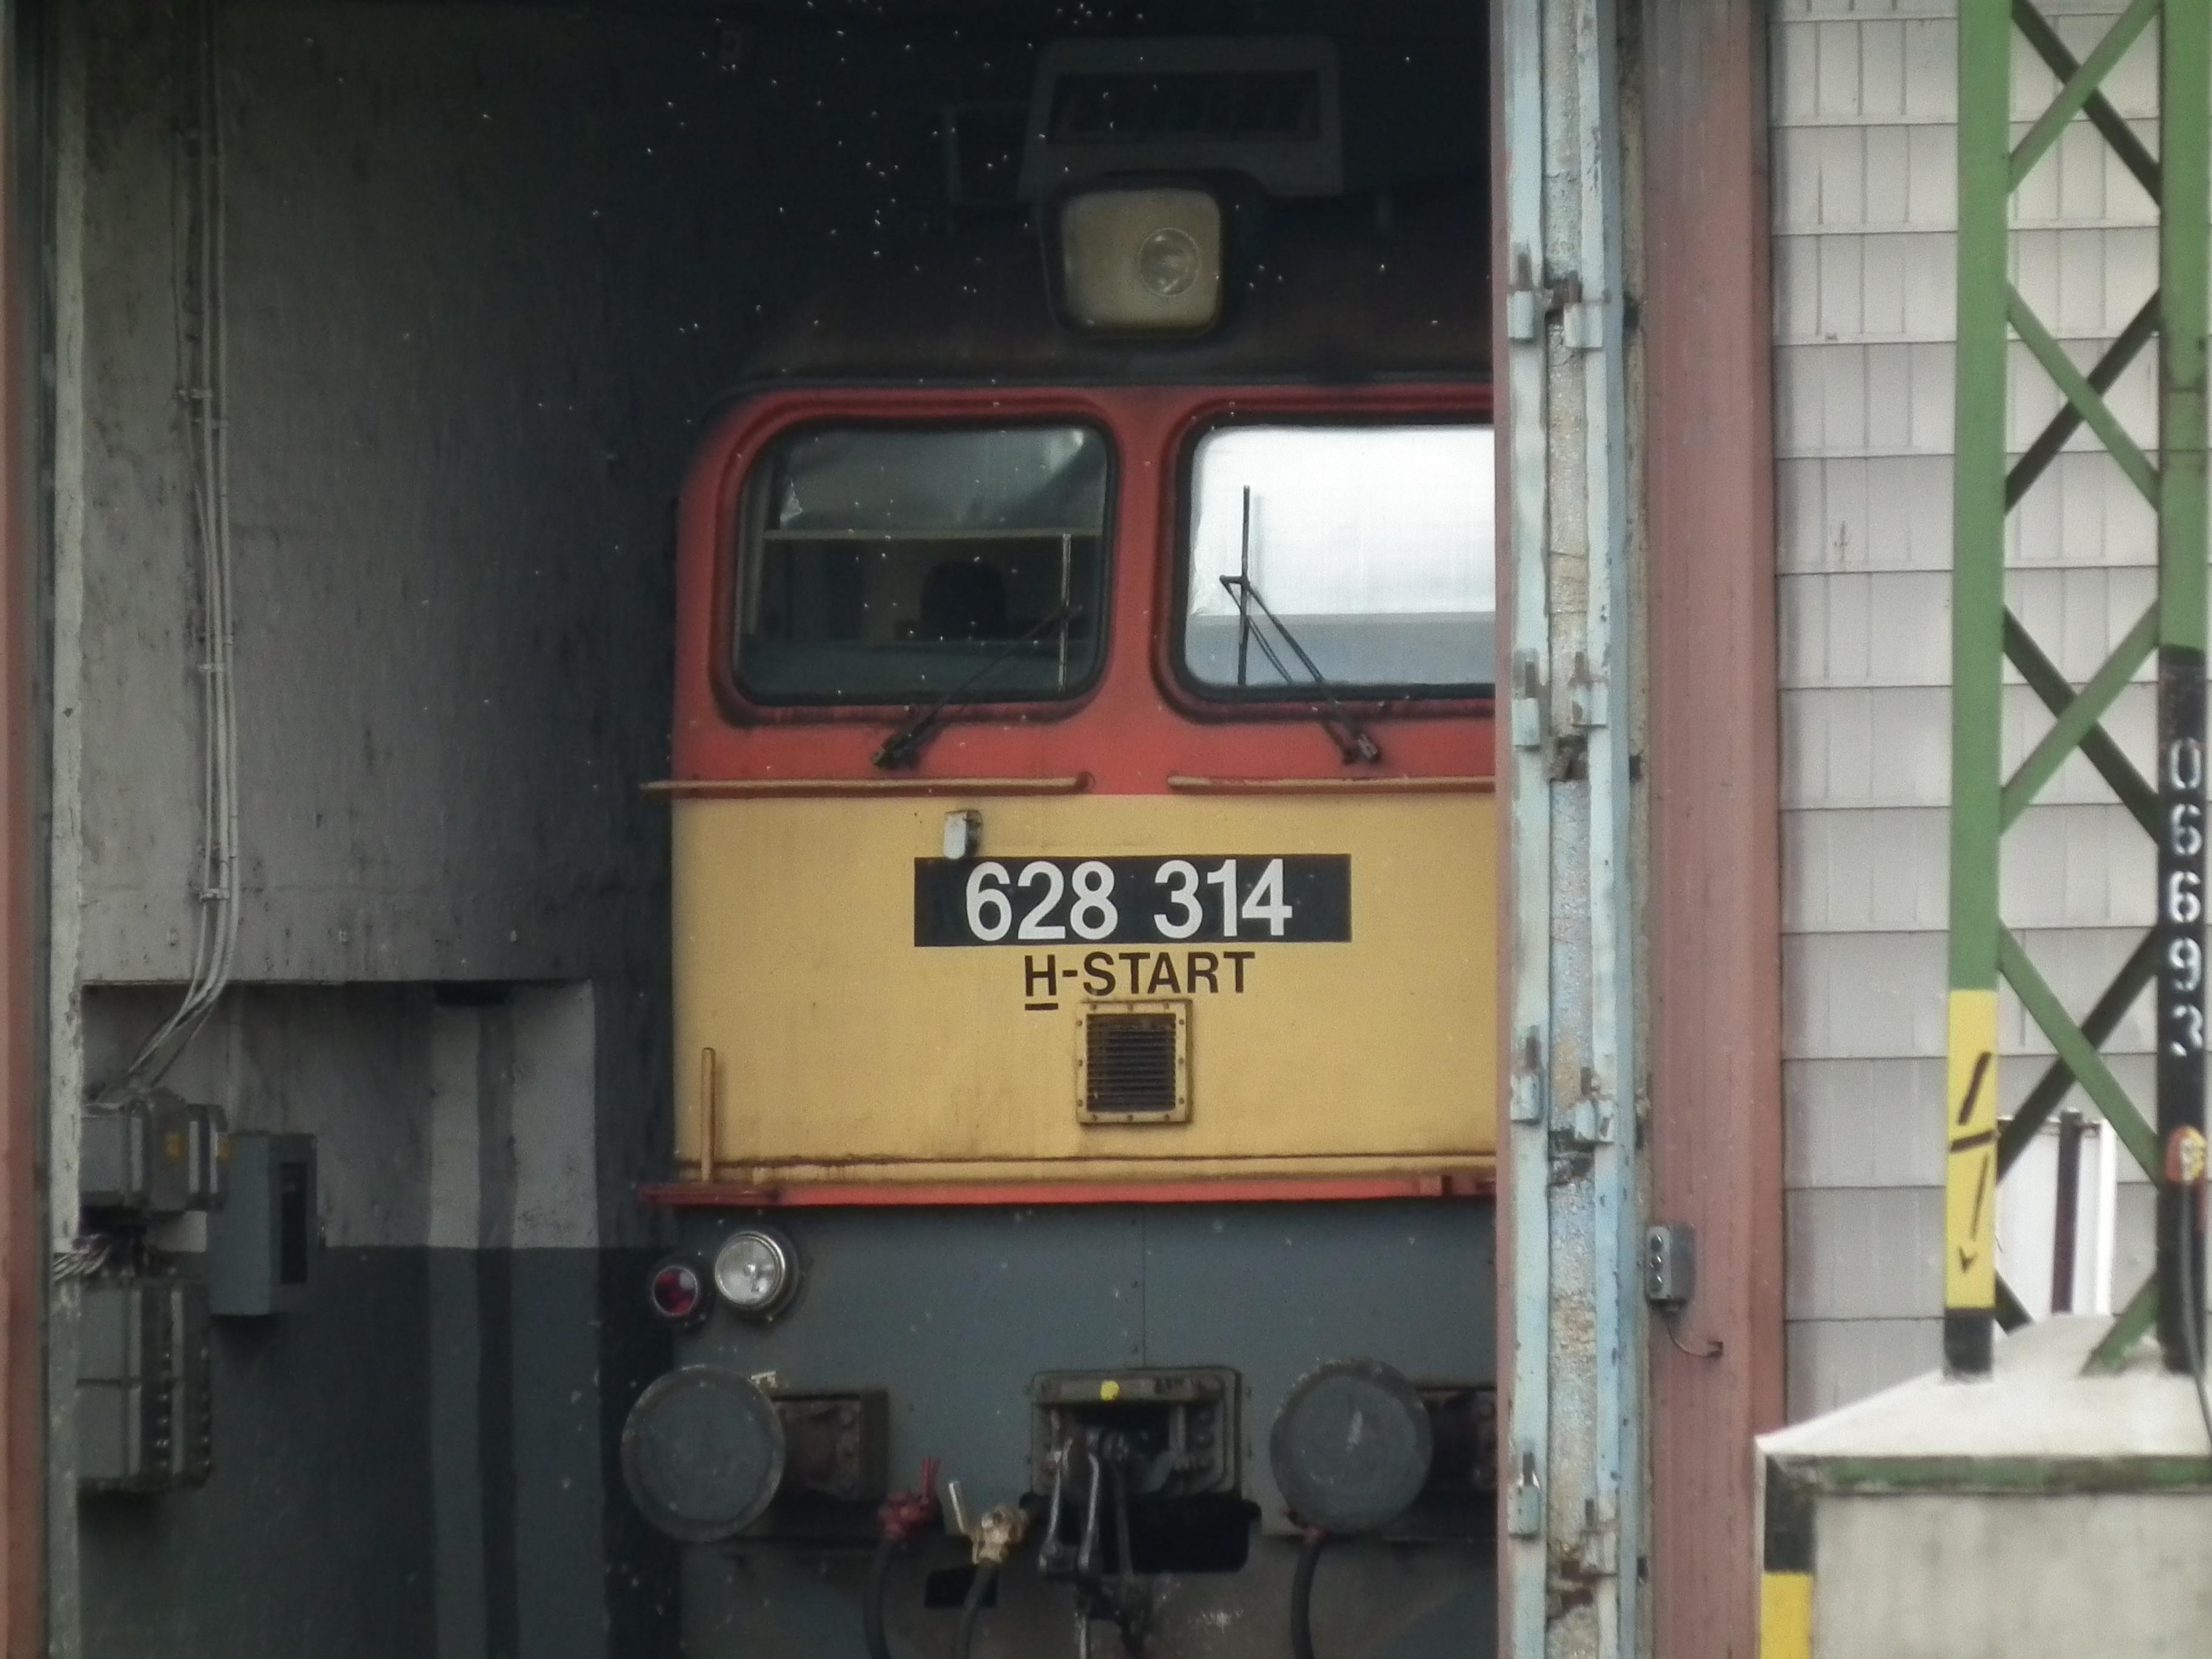 dscf1419.JPG